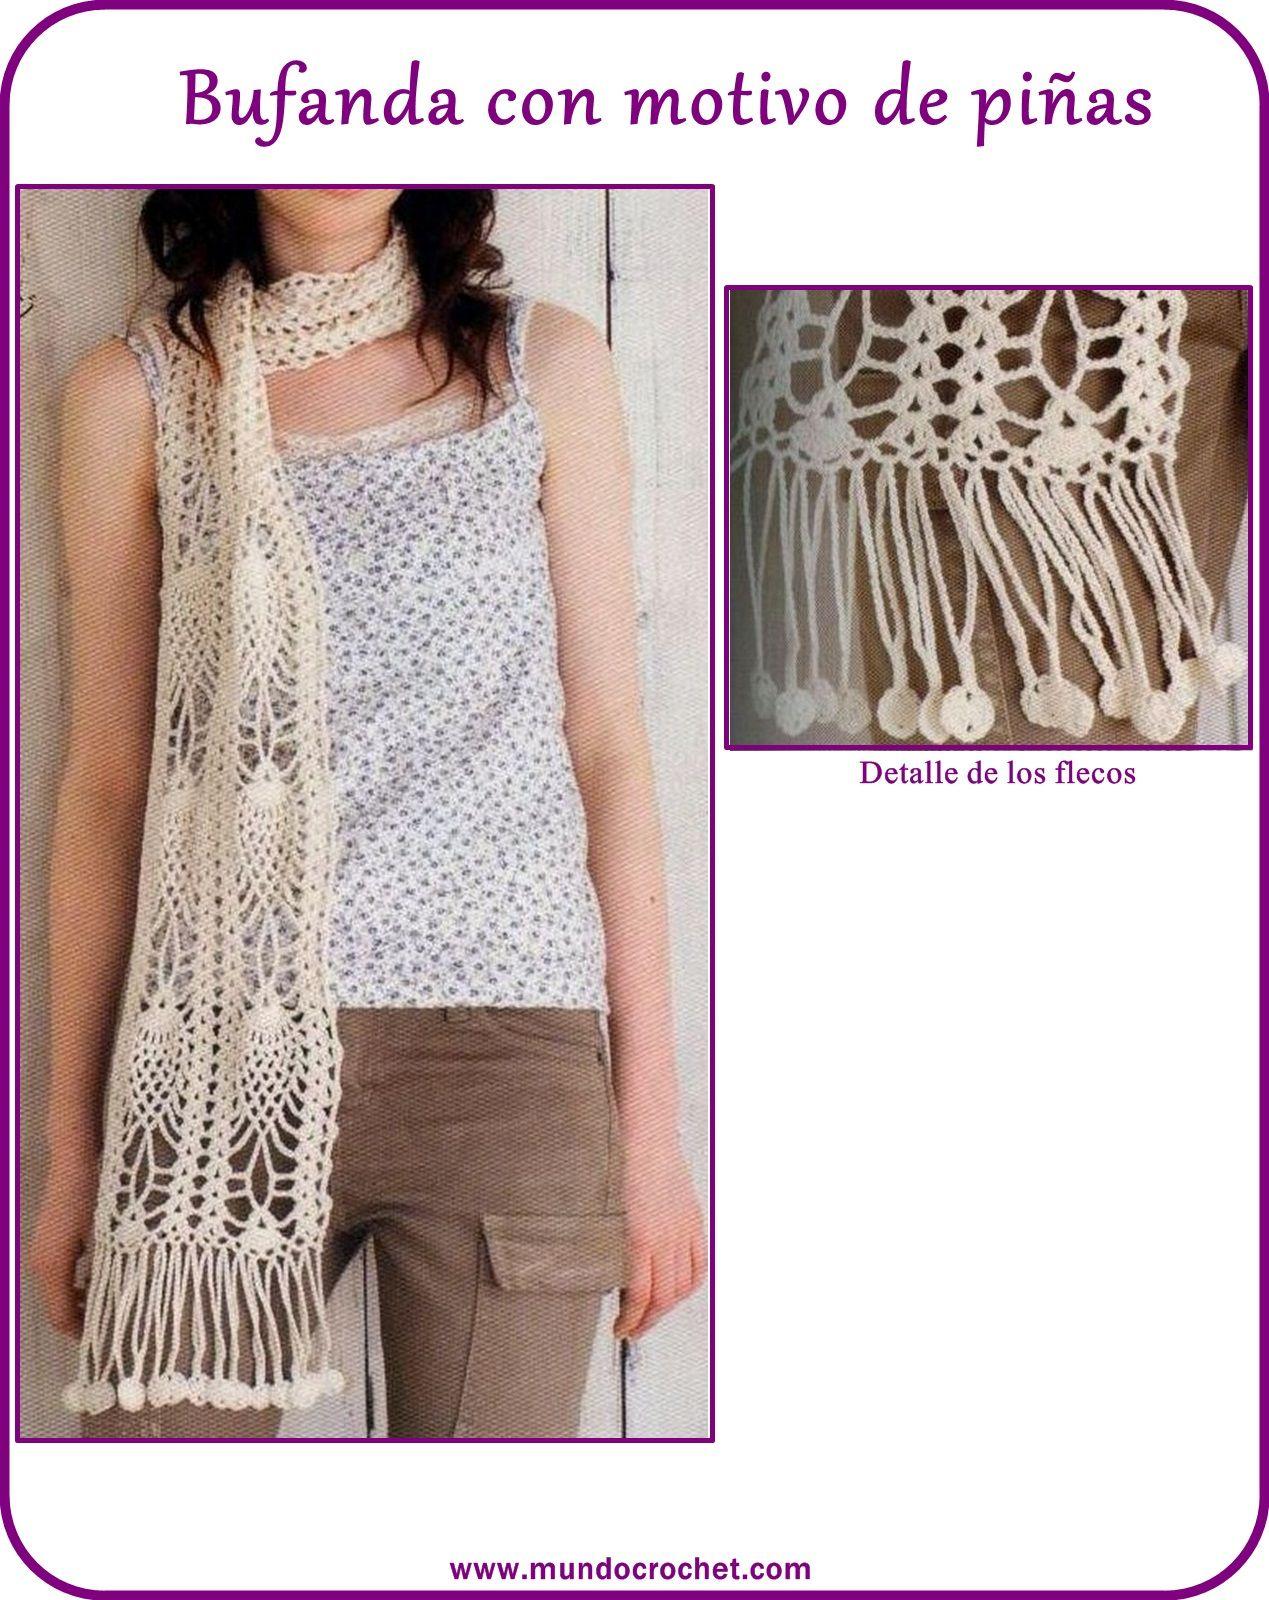 Bufanda crochet piñas | CROCHET / Dos Agujas - Bufandas, Chal ...